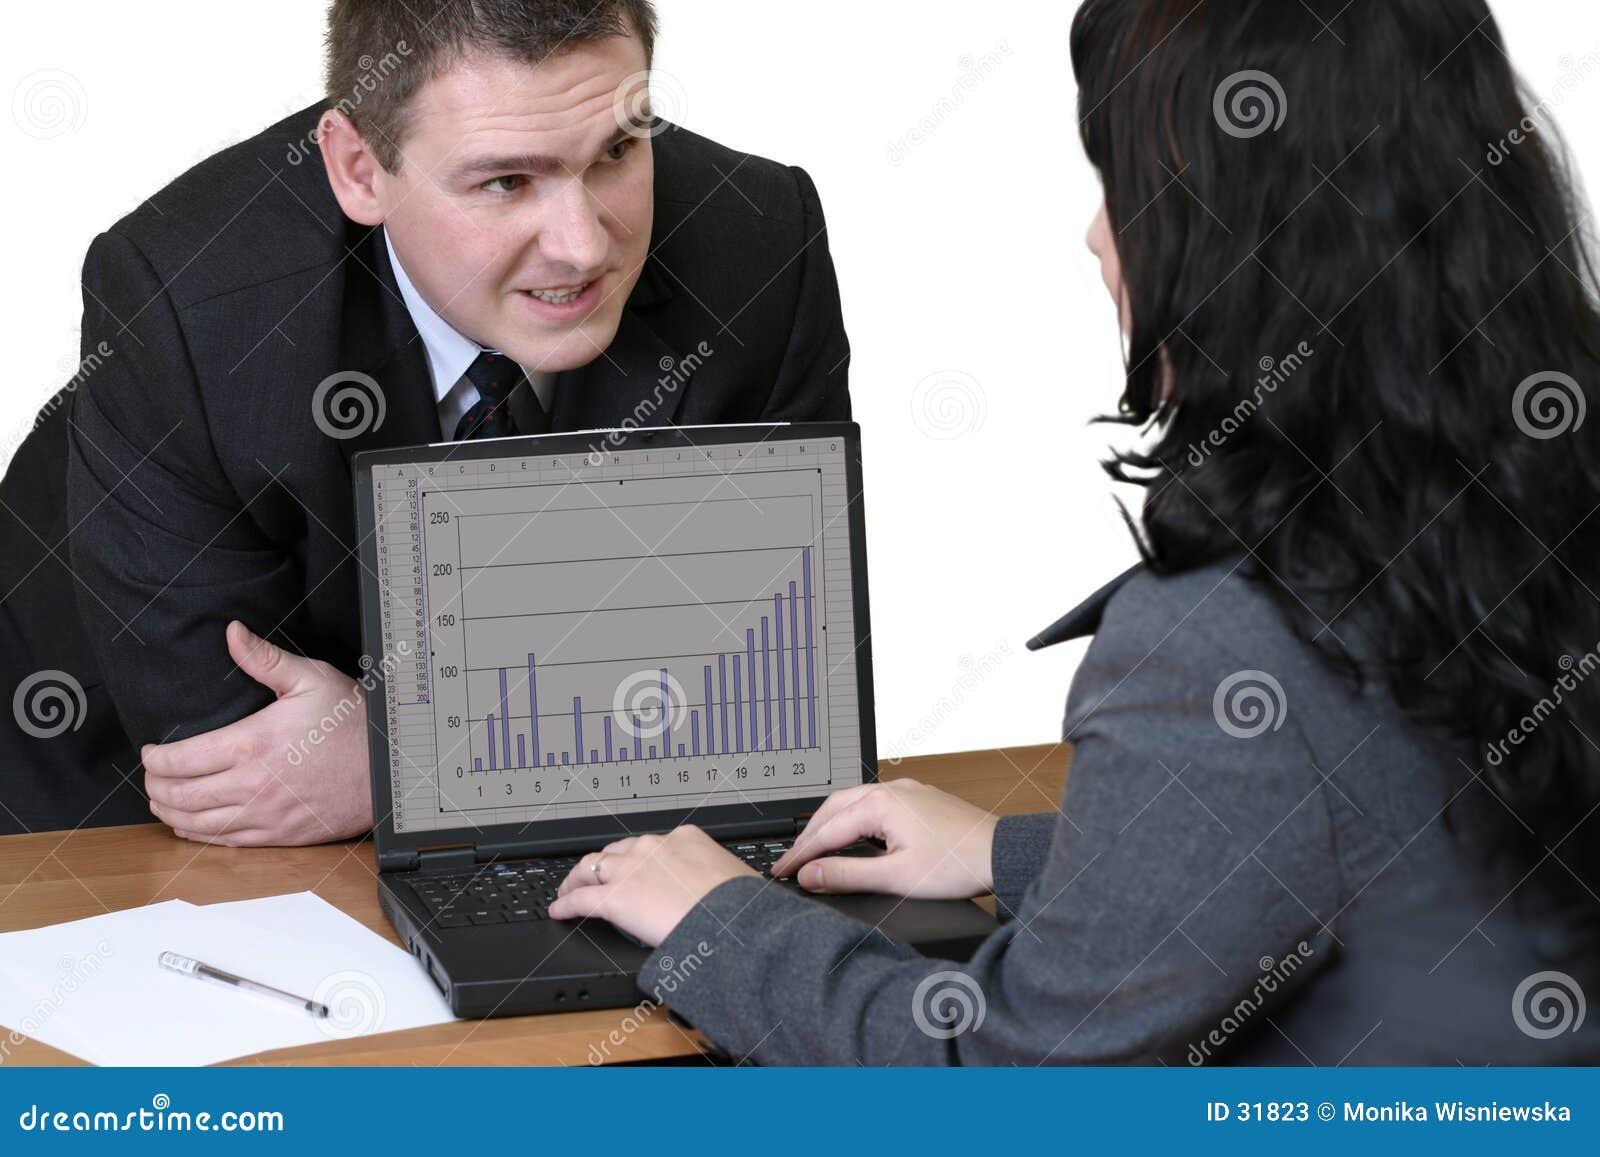 Employés de bureau - conversation